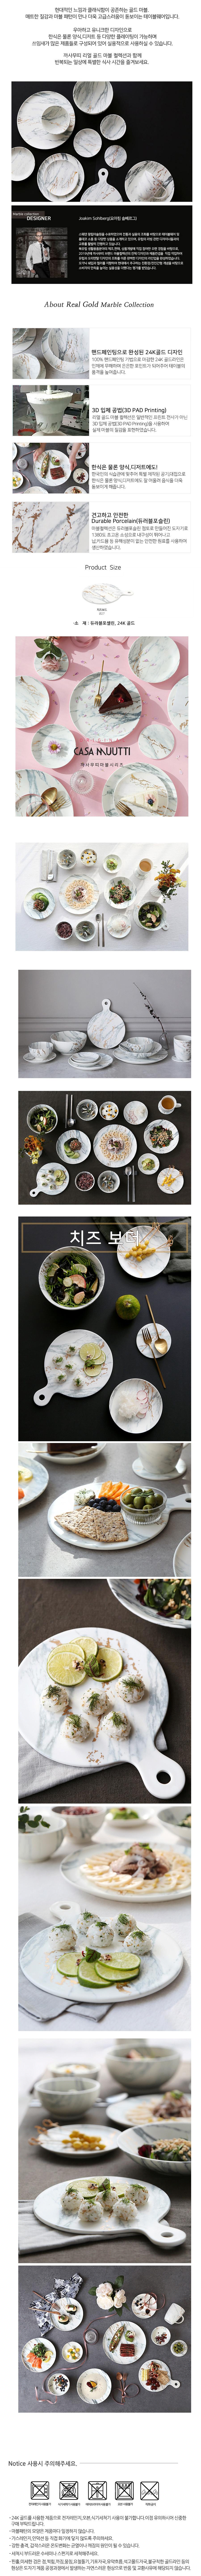 까사무띠 골드 마블 치즈보더 - 꾸미기 좋은날, 23,200원, 접시/찬기, 접시